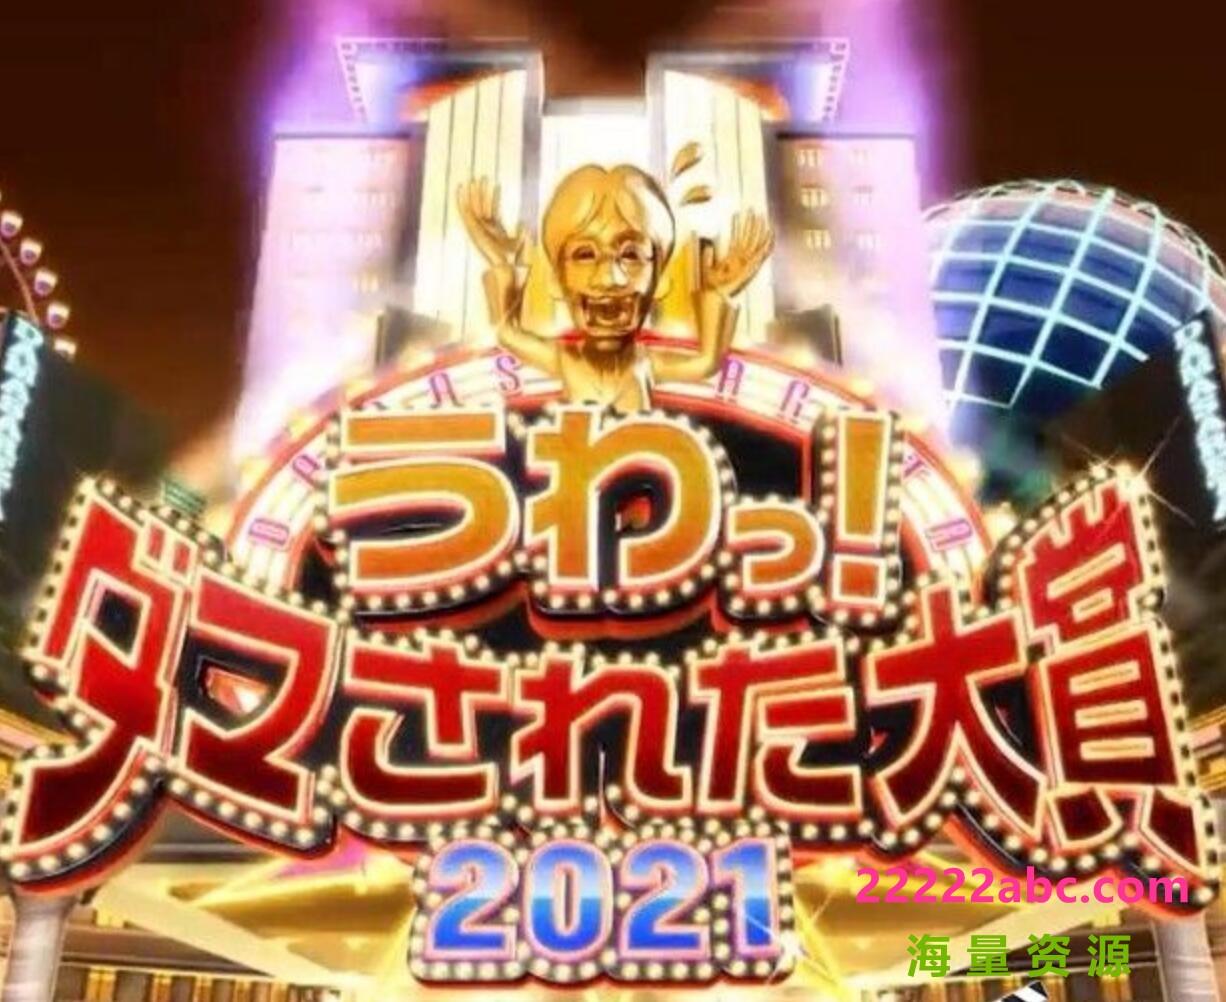 2020高分真人秀《整人大赏2020 全场完整版》HD720P.日语中字4K|1080P高清